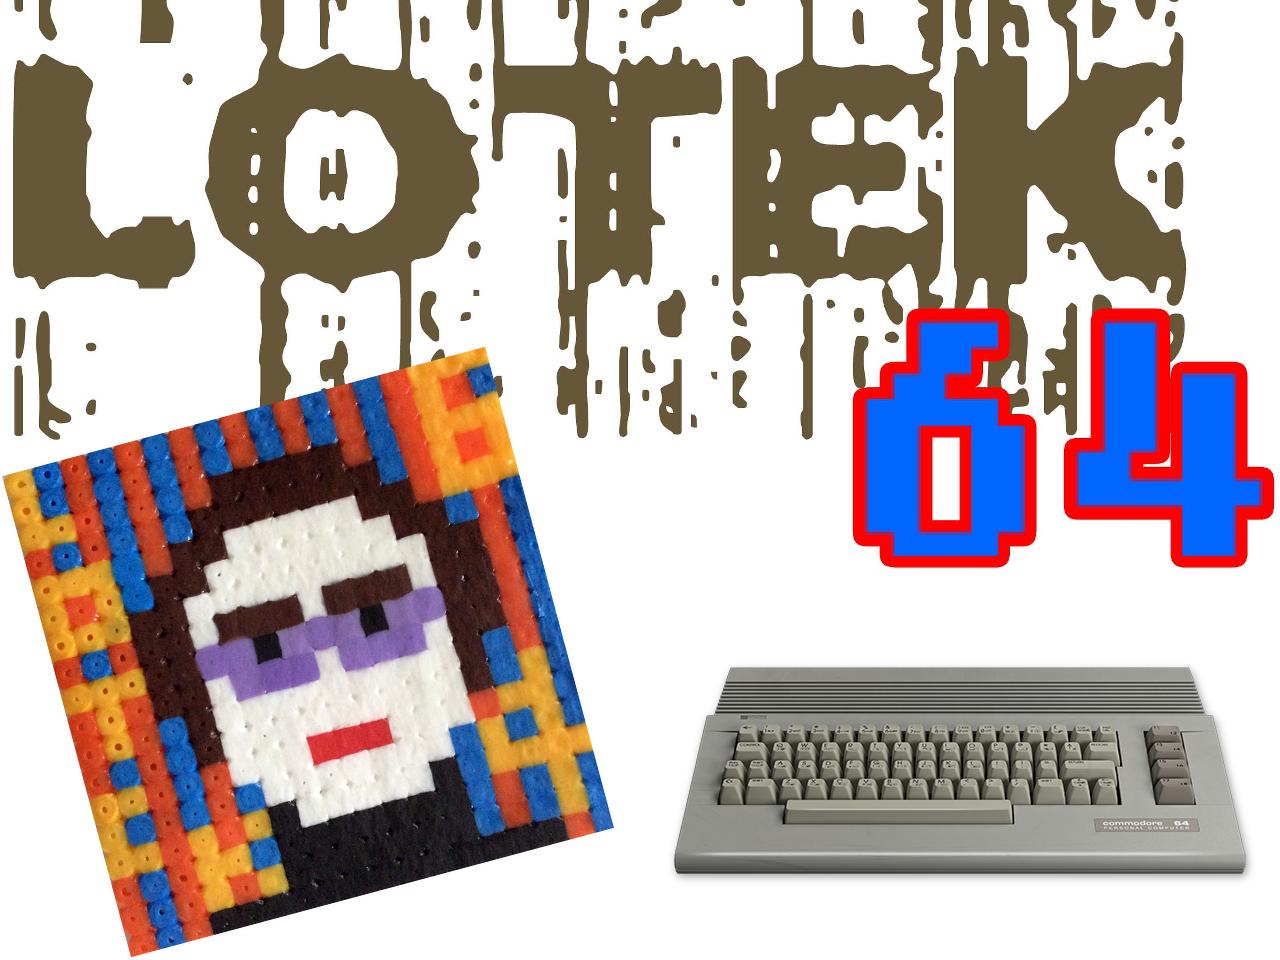 Logoentwürfe und Pixelportrait des Lotek64-Machers. (Bild: Georg Fuchs / André Eymann, der C64 stammt von René Achter)